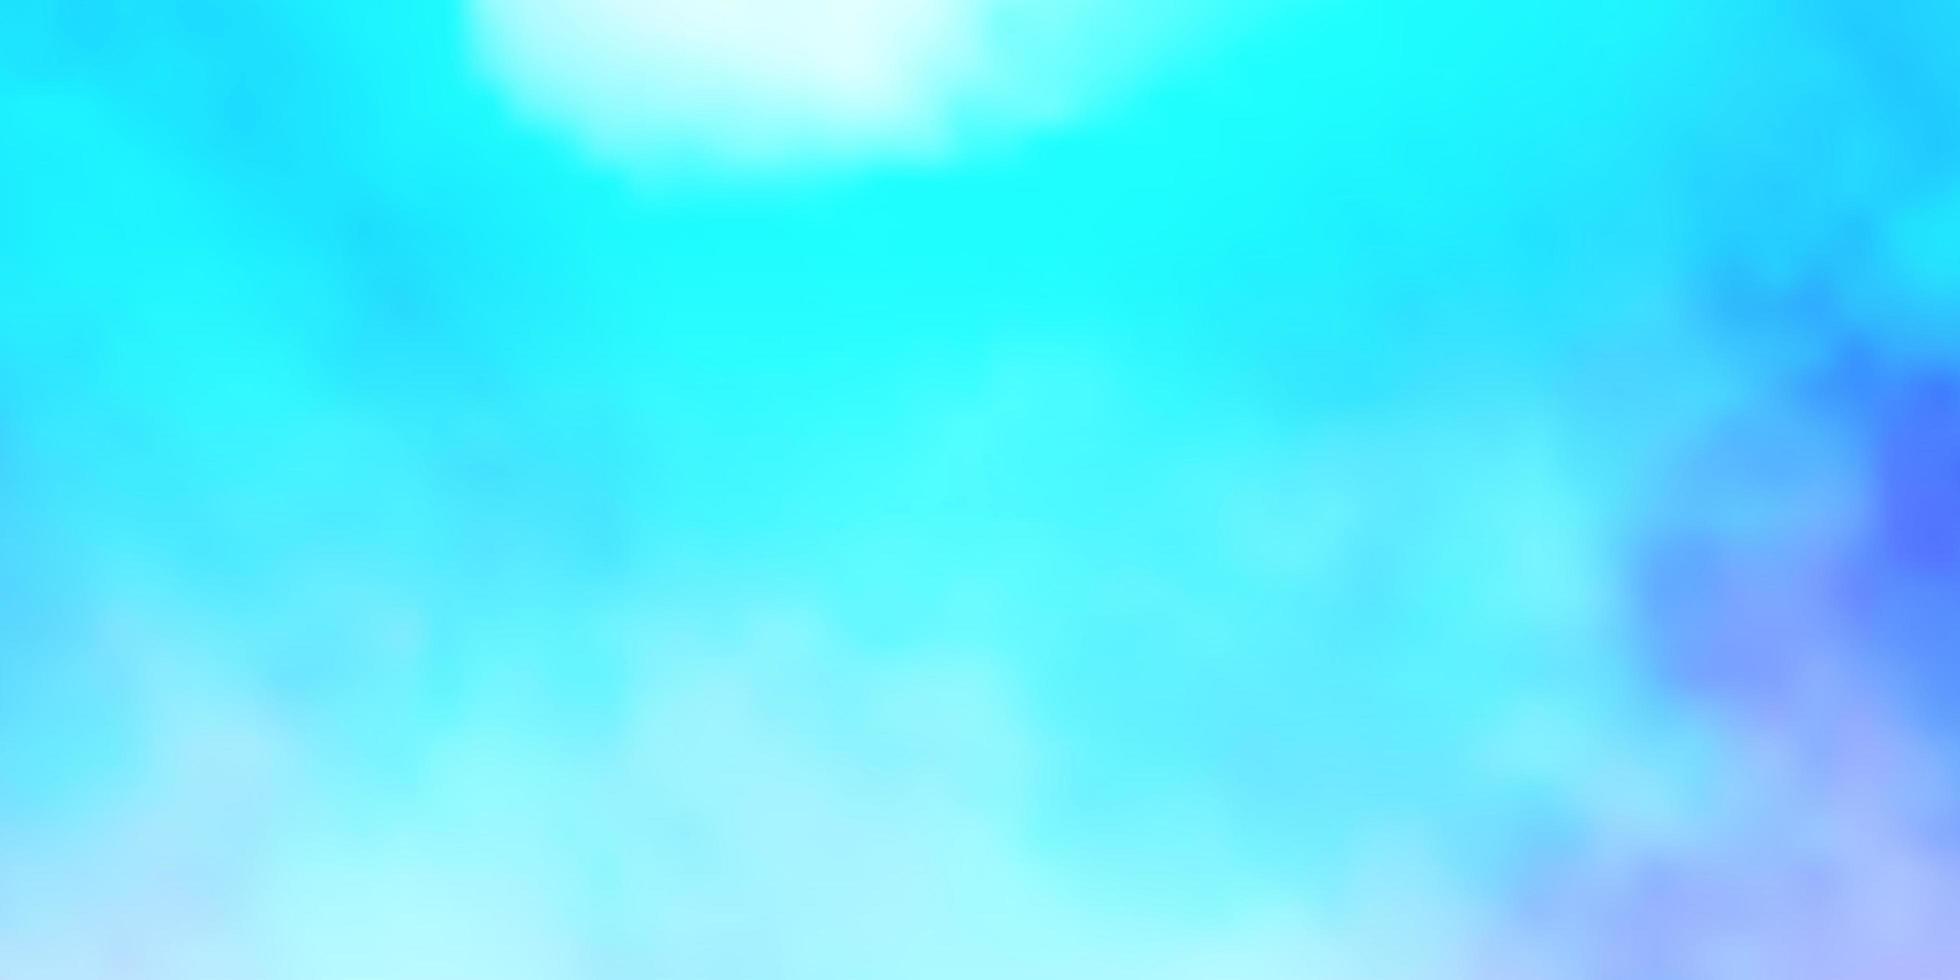 modello azzurro con cielo, nuvole. vettore